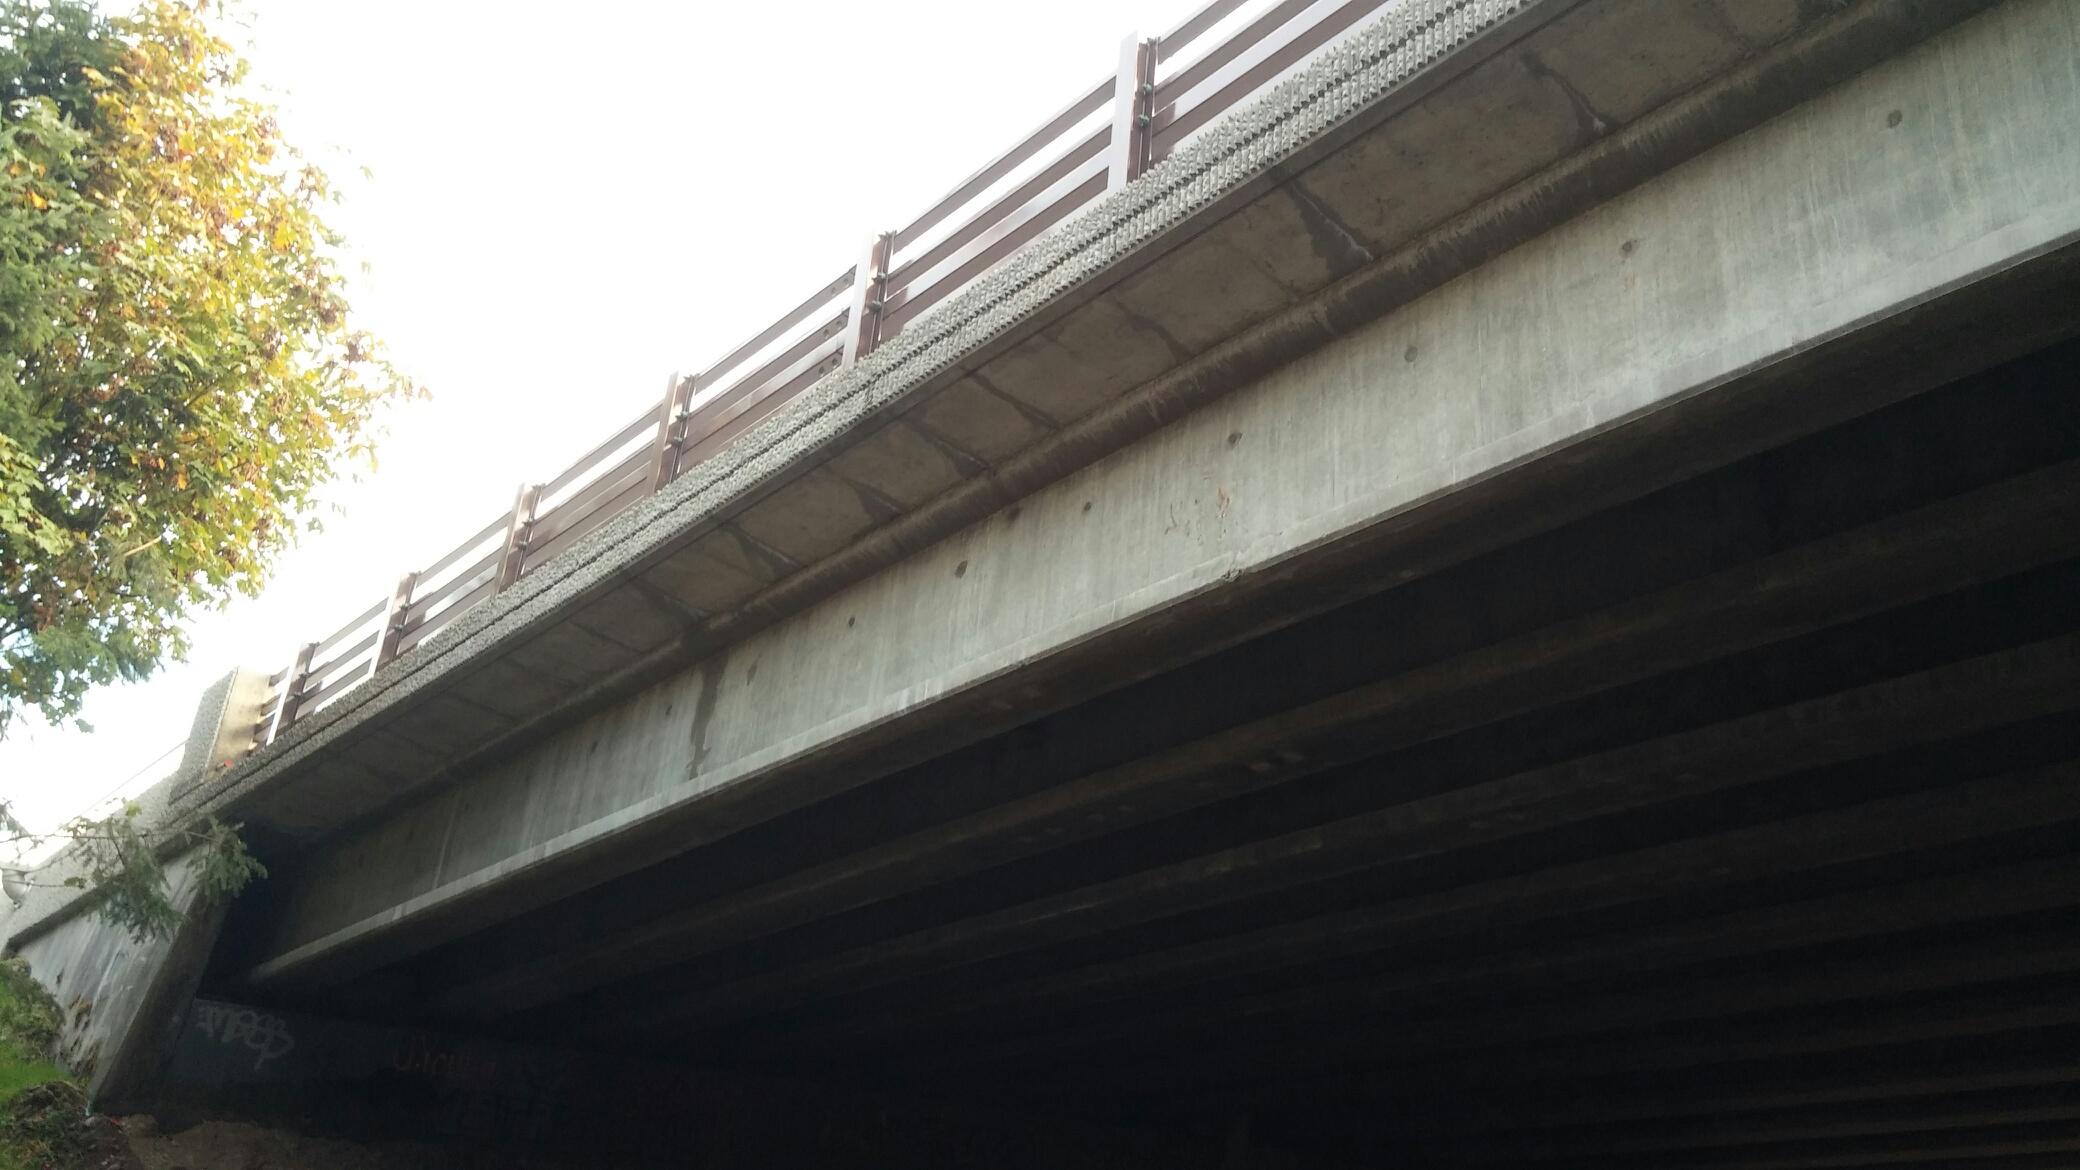 4._Underside_of_sidewalk.jpg